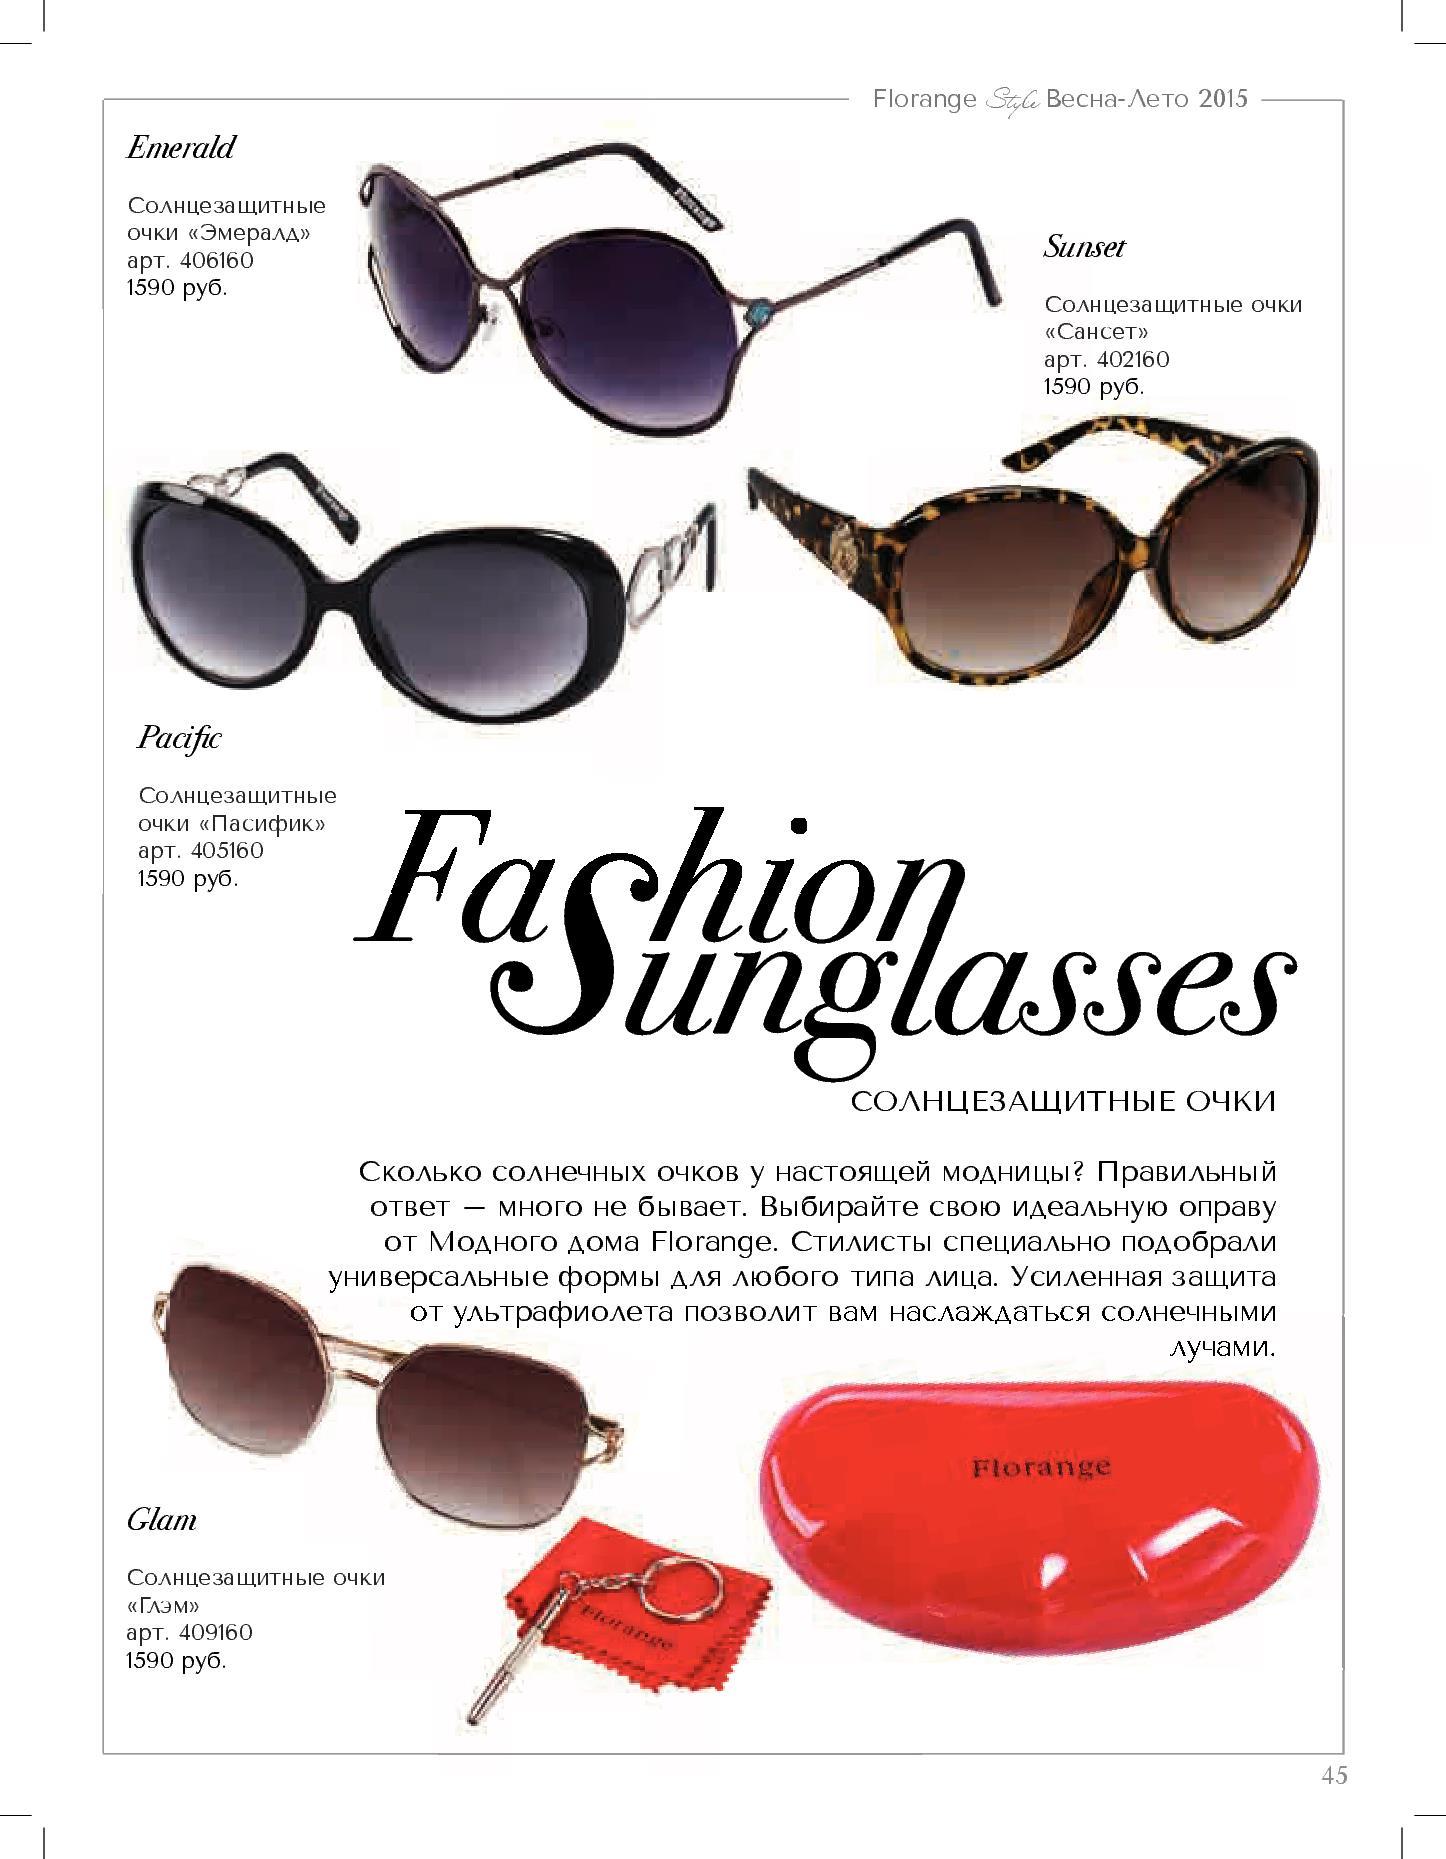 """Солнцезащитные очки """"Эмералд"""", """"Сансет"""", """"Пасифик"""" и """"Глэм"""""""